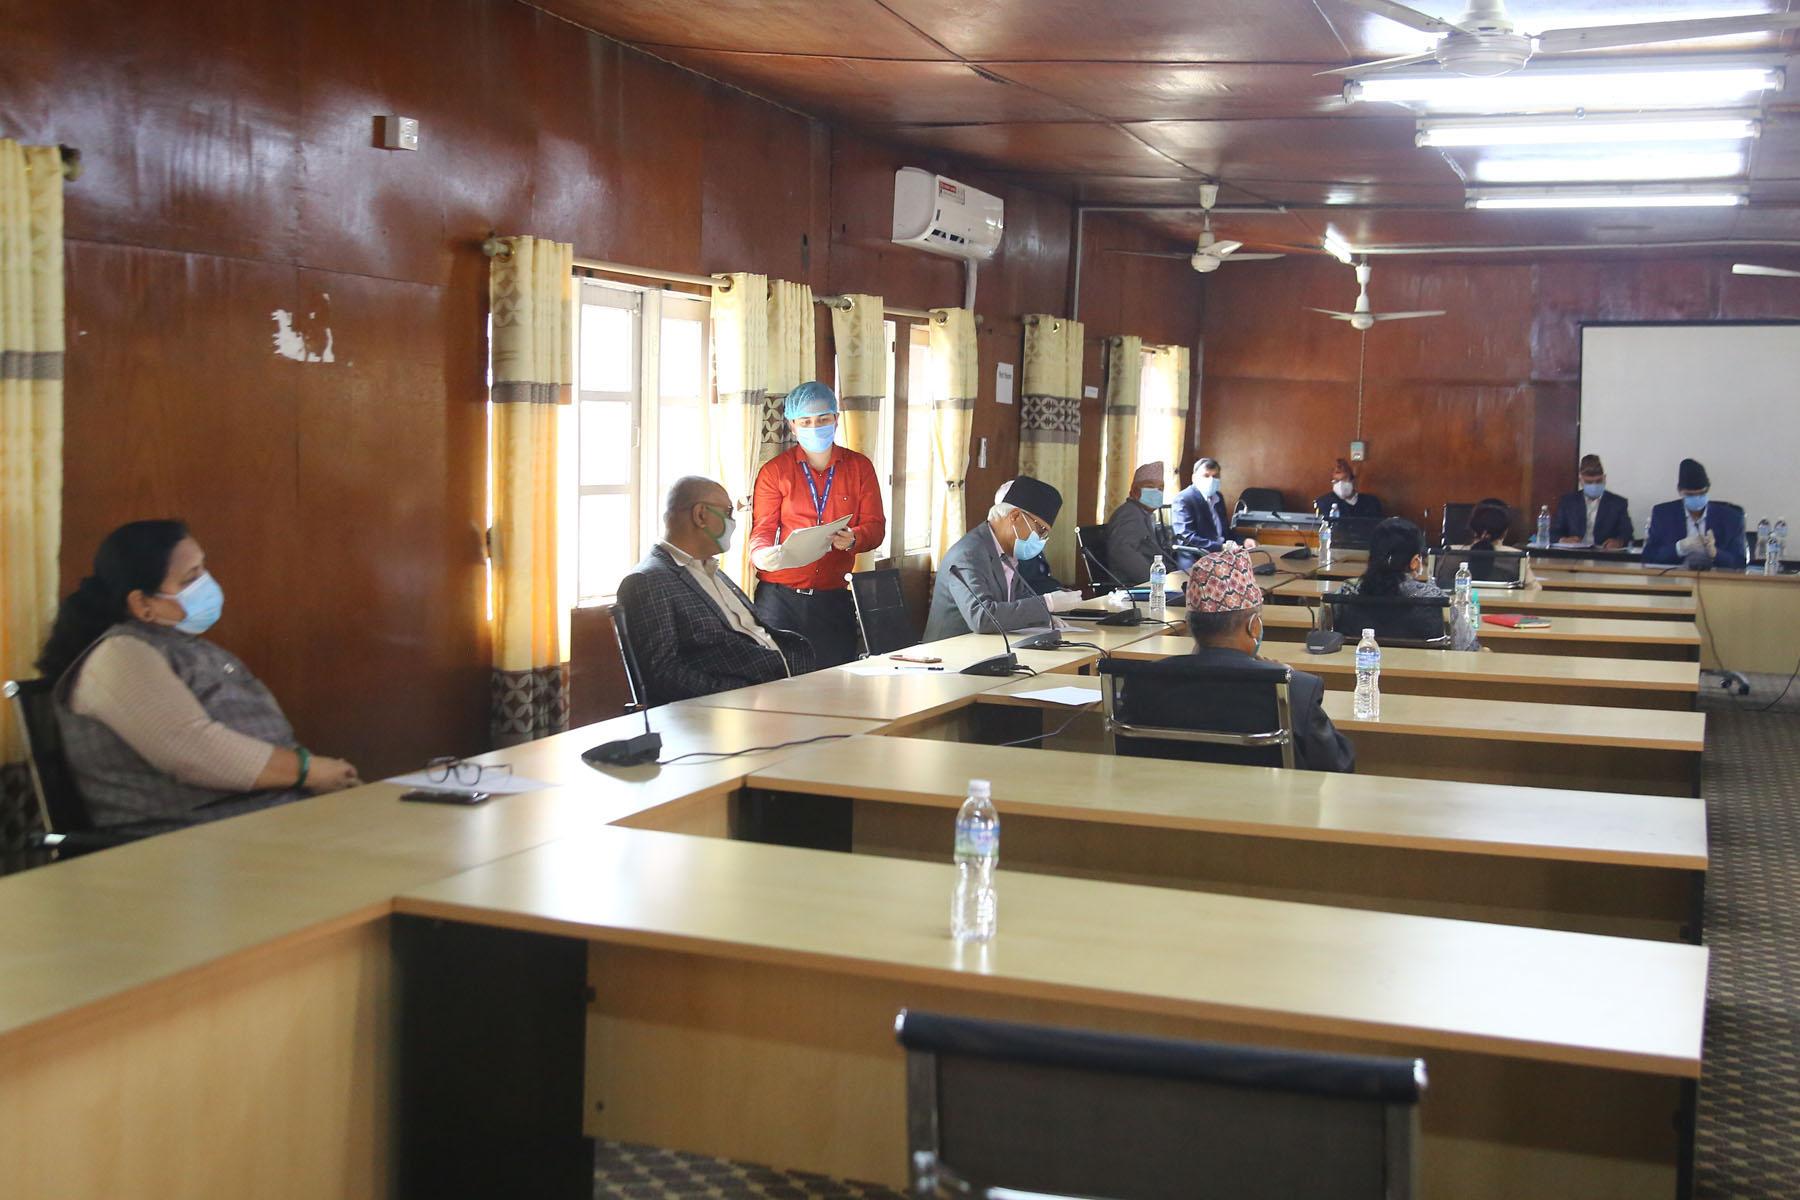 निर्वाचन क्षेत्रको रकम कोरोना रोकथाम कोषमा उपलब्ध गराउन सुझाव